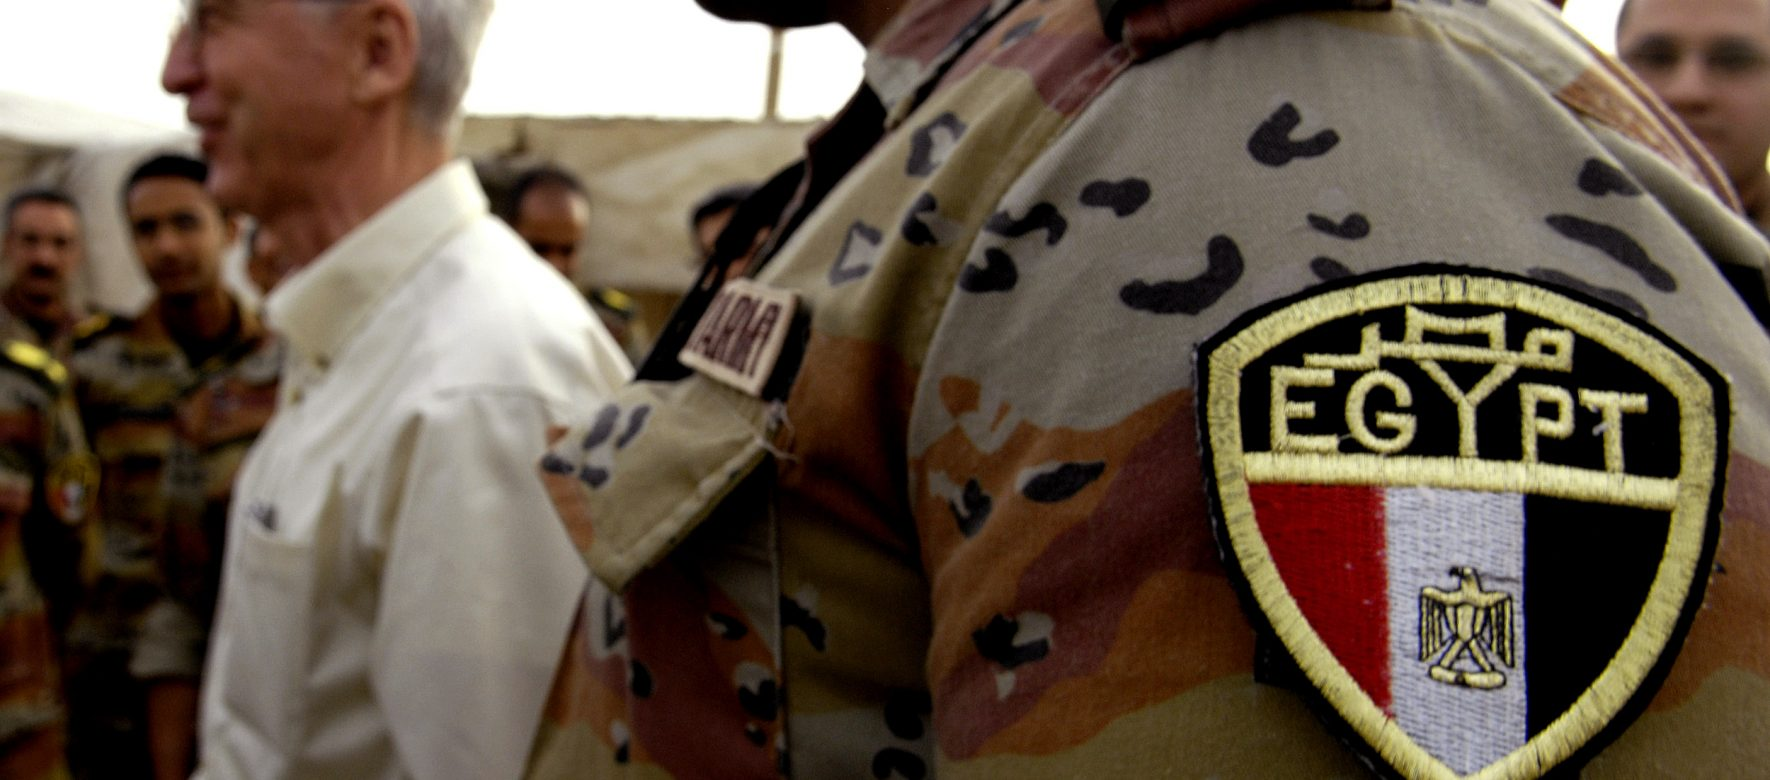 L'Egypte s'éloigne de son allié l'Arabie Saoudite